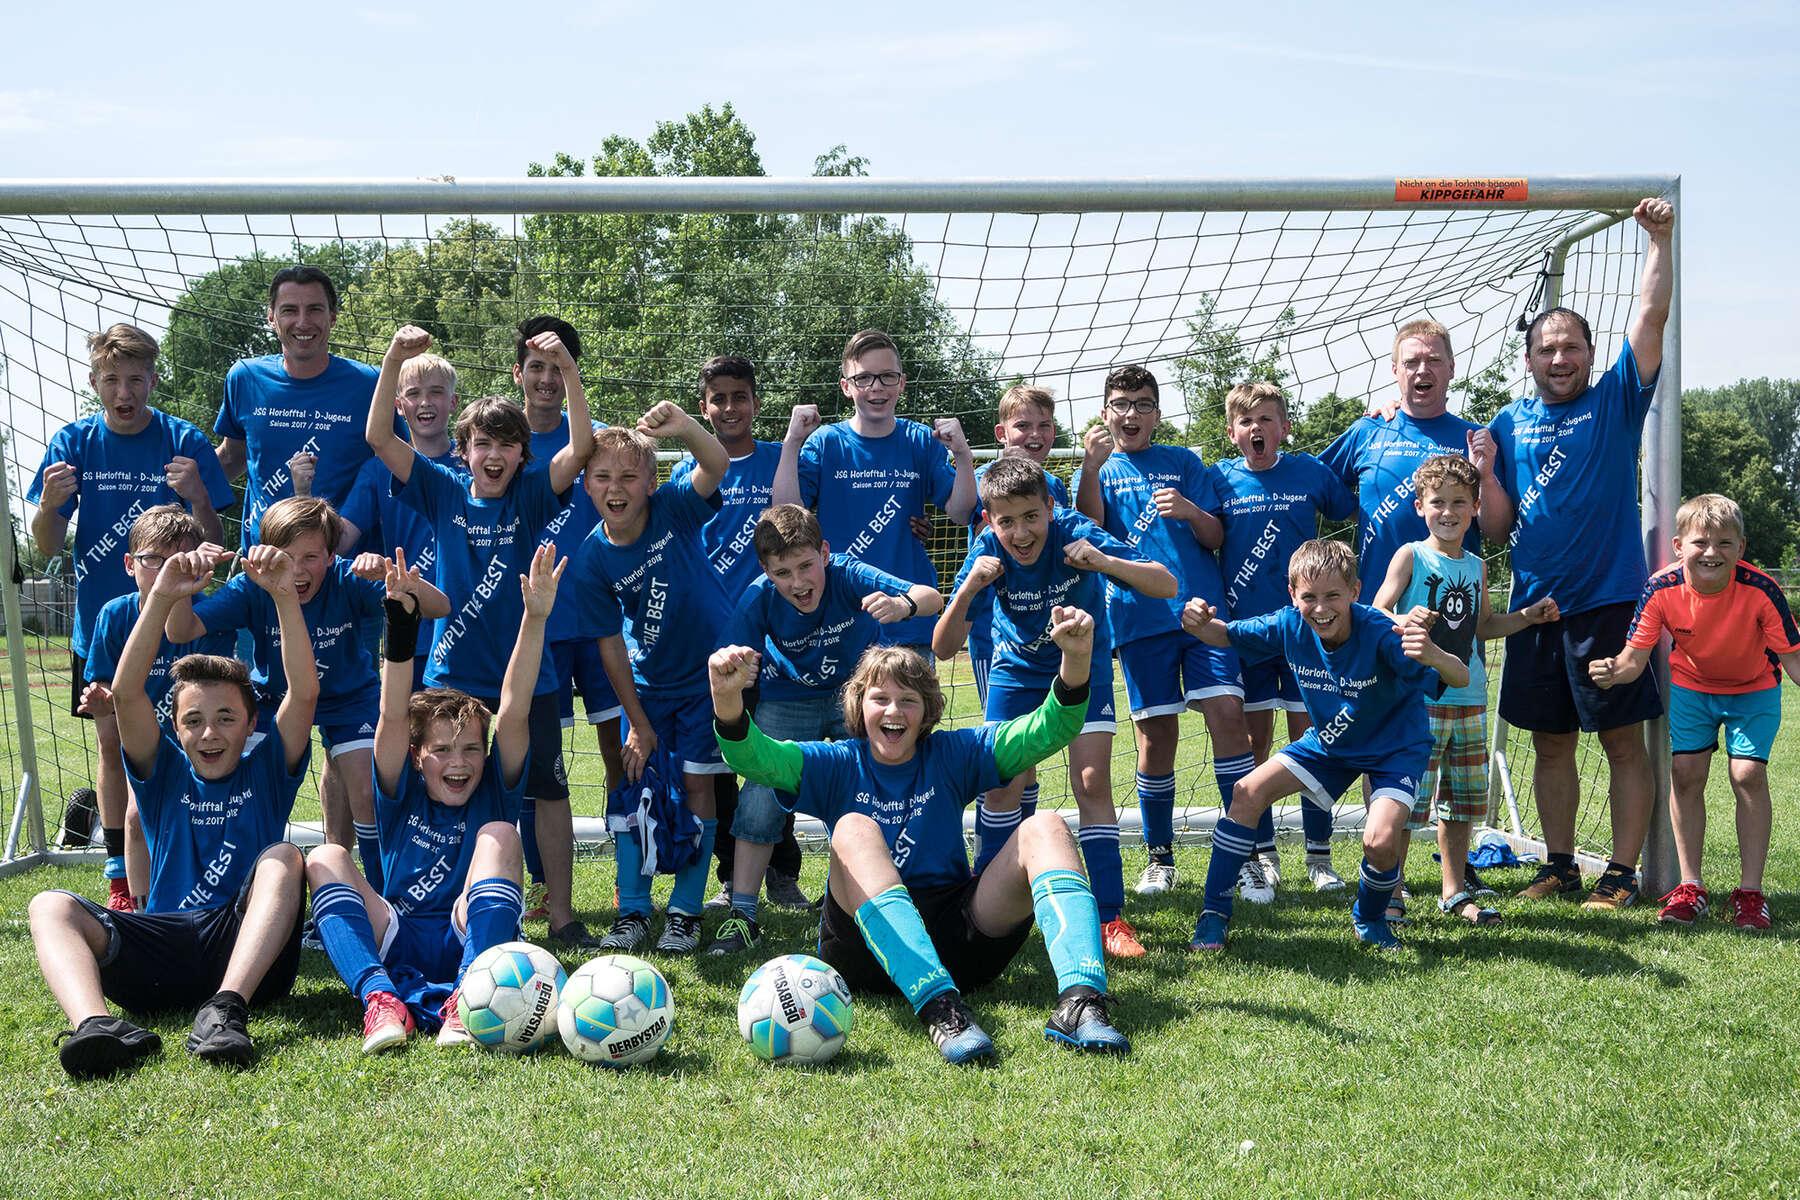 Spieler und Trainer der TSG Horlofftal jubeln über den Sieg der D-Jugend-Meisterschaft